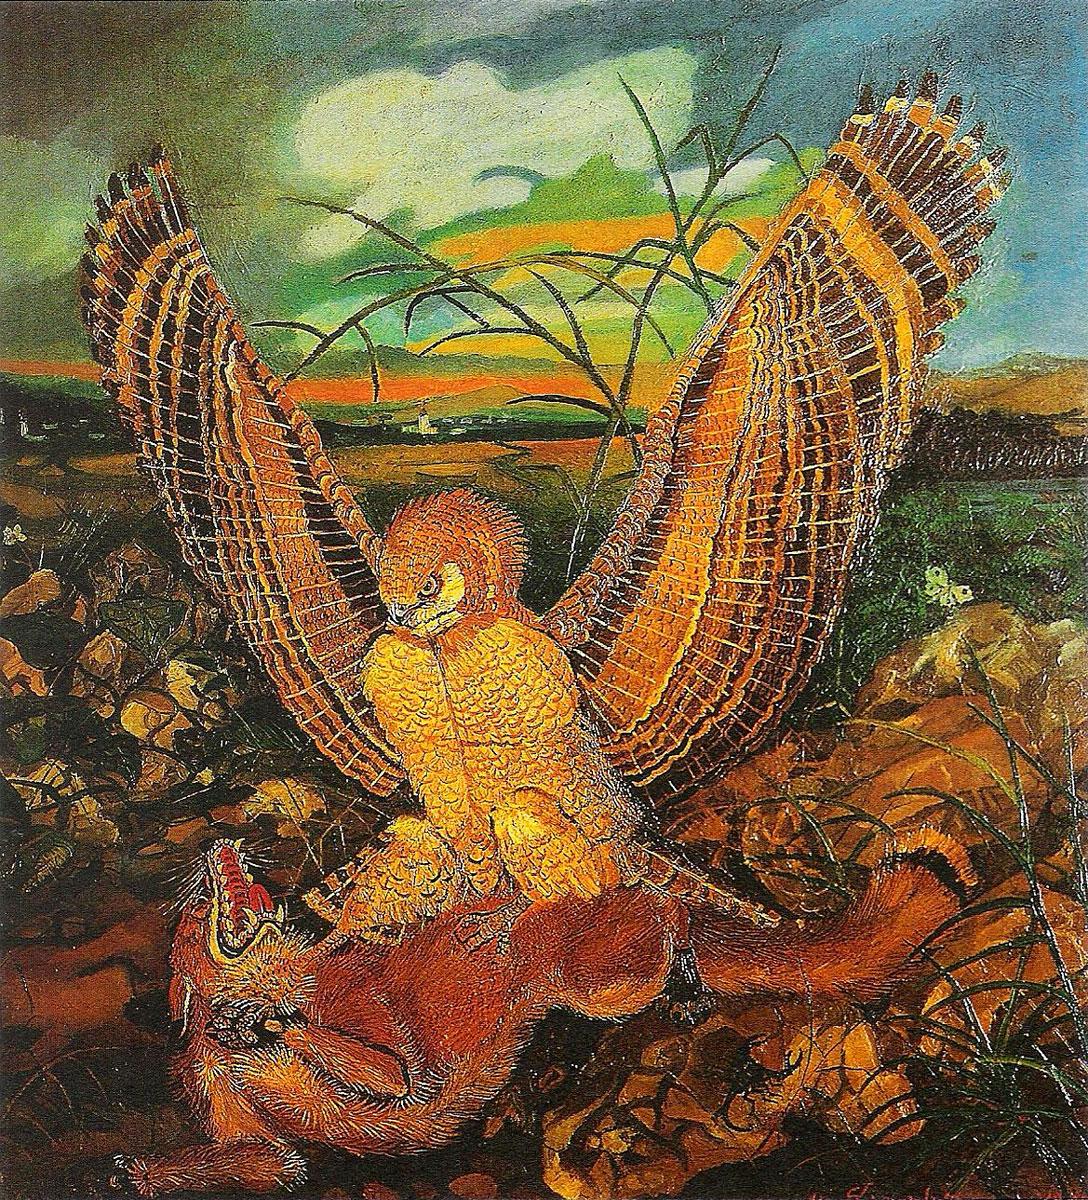 Aquila con volpe, Antonio Ligabue, 1944